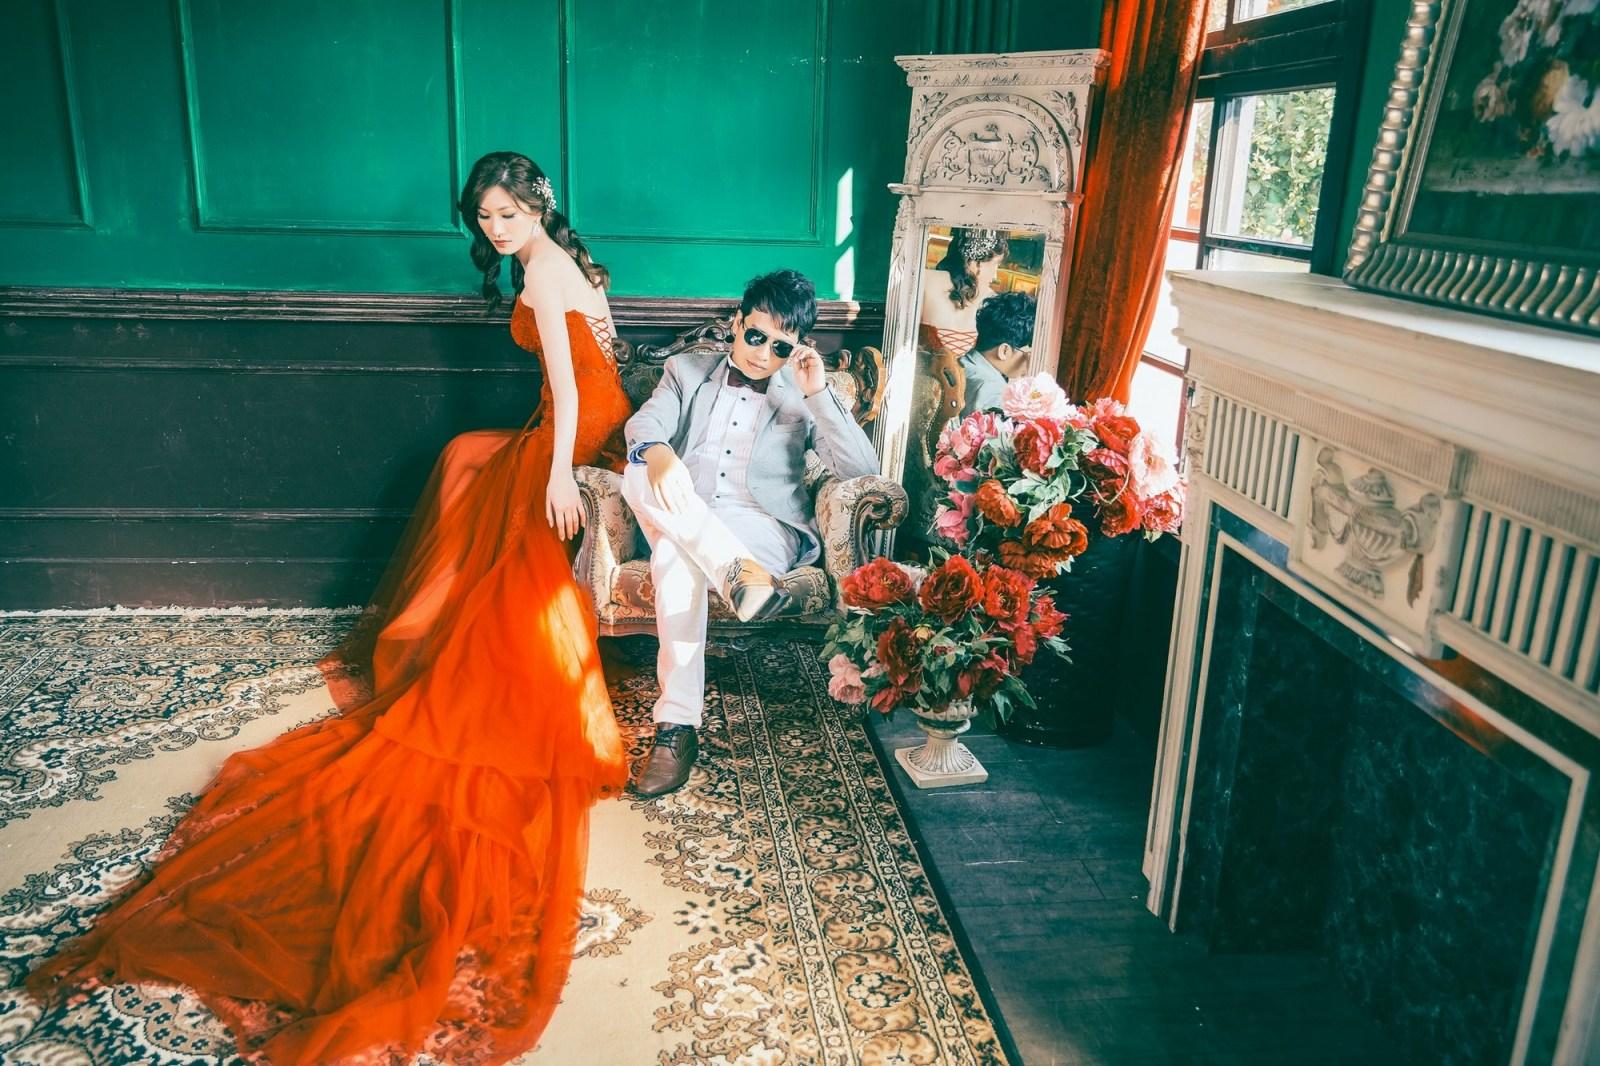 手工訂製評價,自助婚紗,婚紗照風格,手工白紗 板橋,手工婚紗 臺北